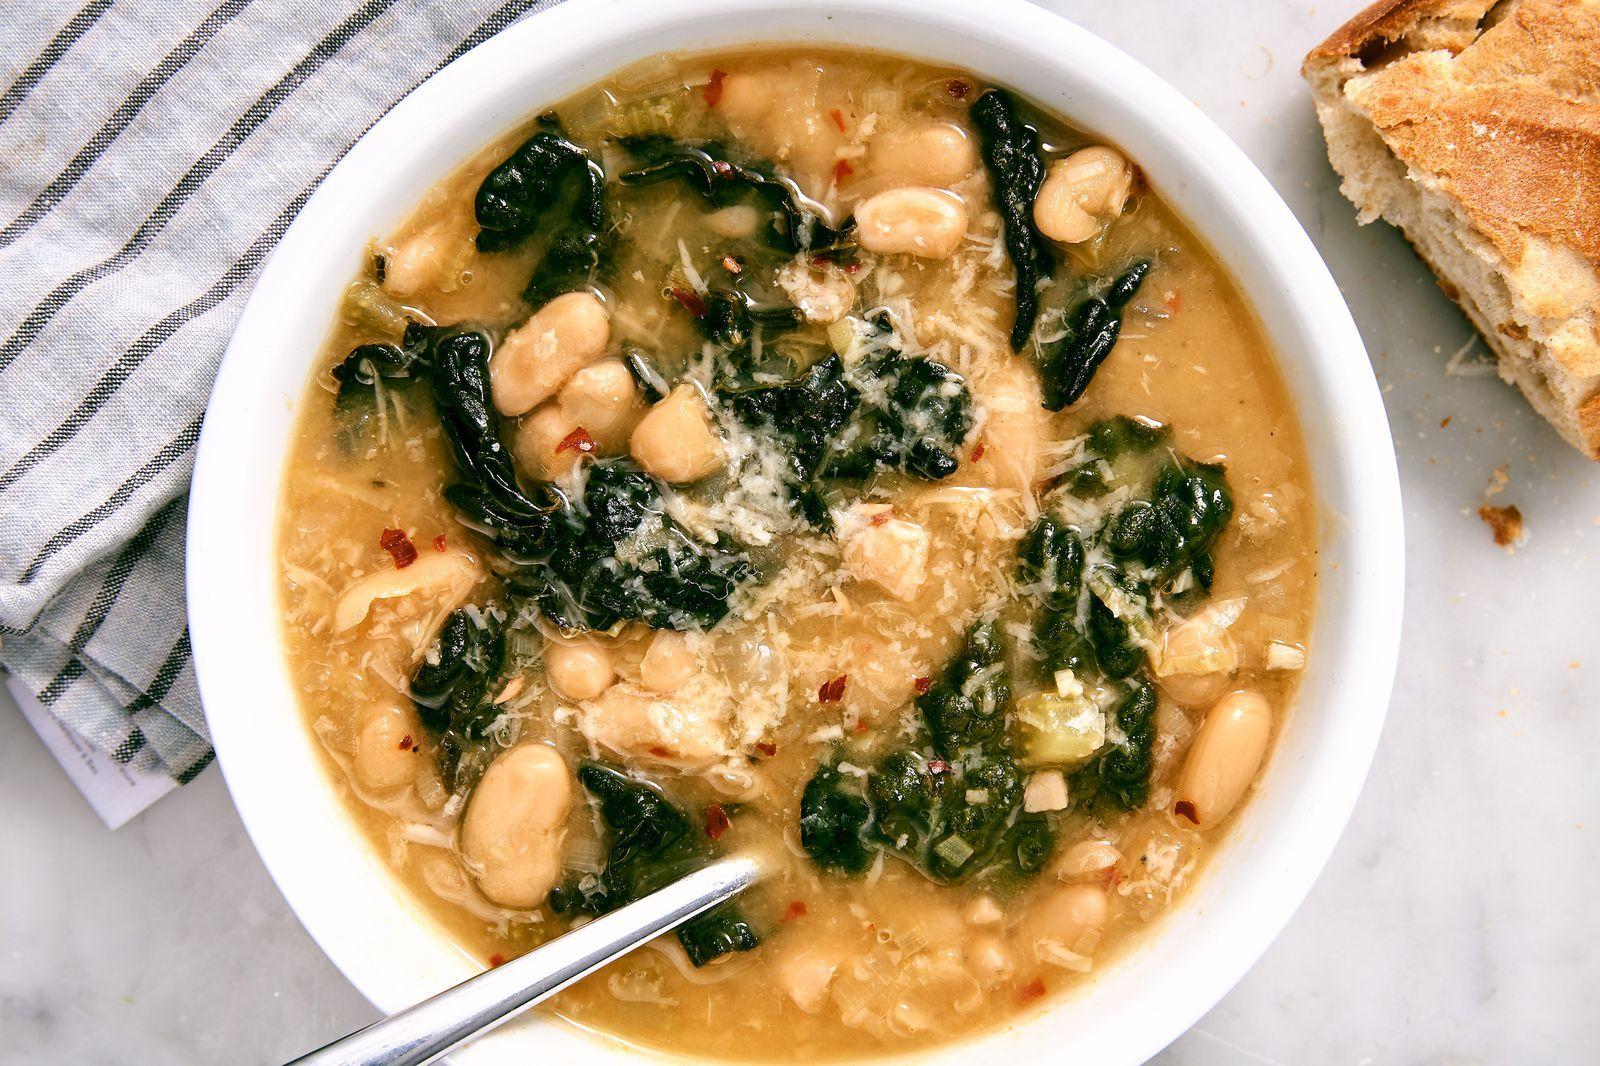 Best Vegetarian Kale Soup Recipe Kale Soup Recipes Food Recipes Kale Soup